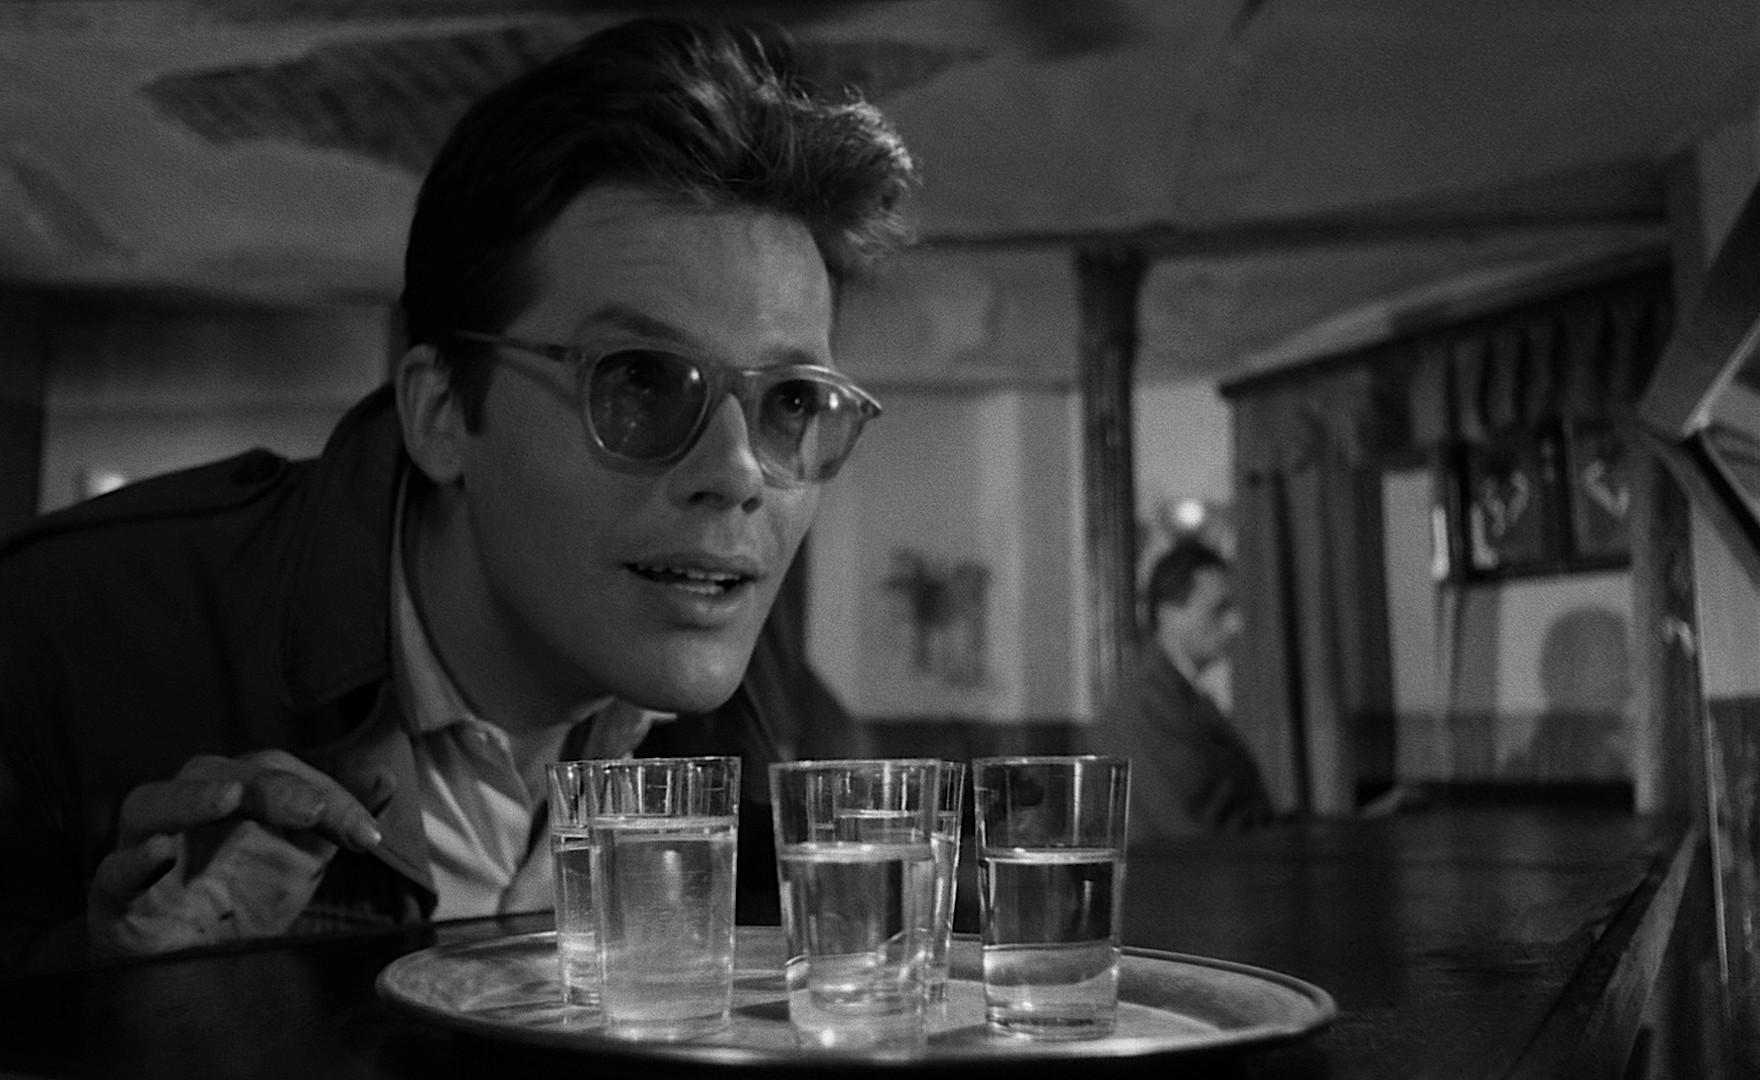 kadr z filmu Popiół i diament, Zbigniew Cybulski nachyla się nad tacką ze szklankami wódki